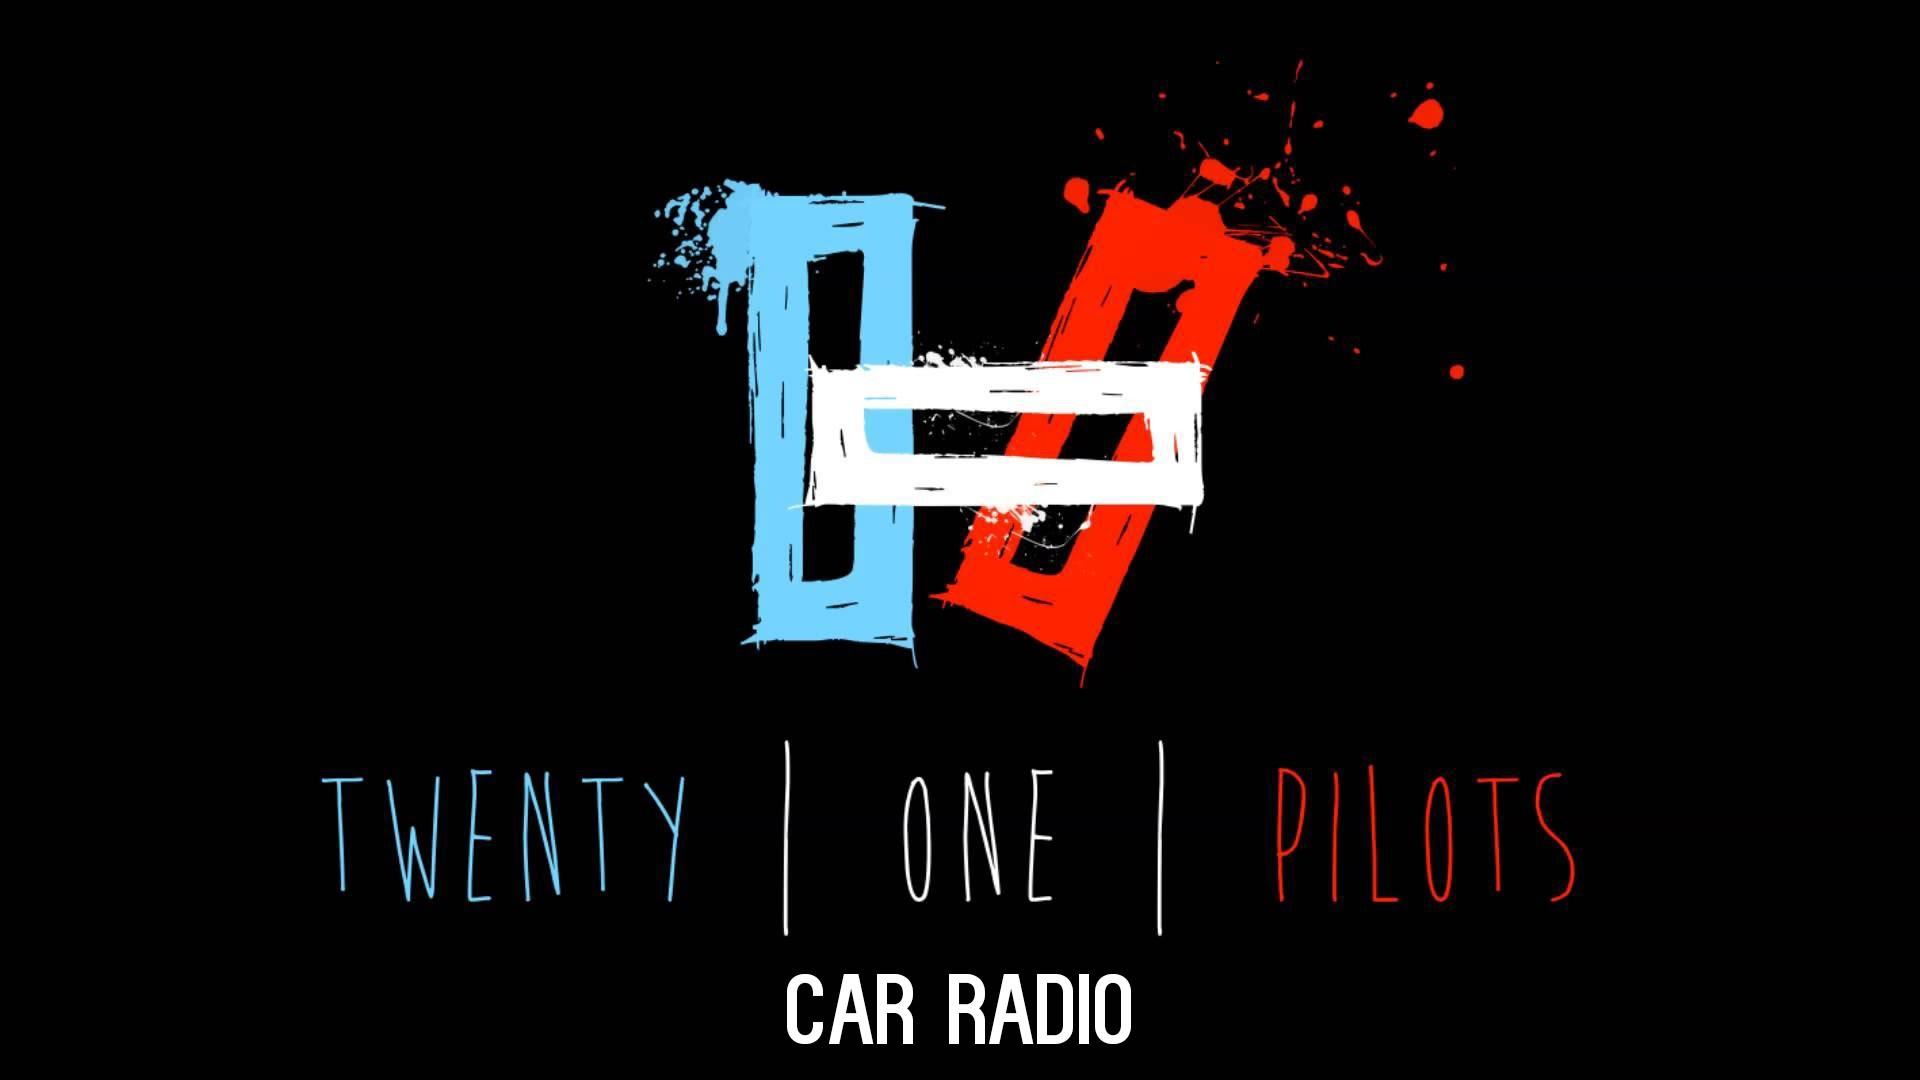 Car Radio | Twenty One Pilots Lyrics